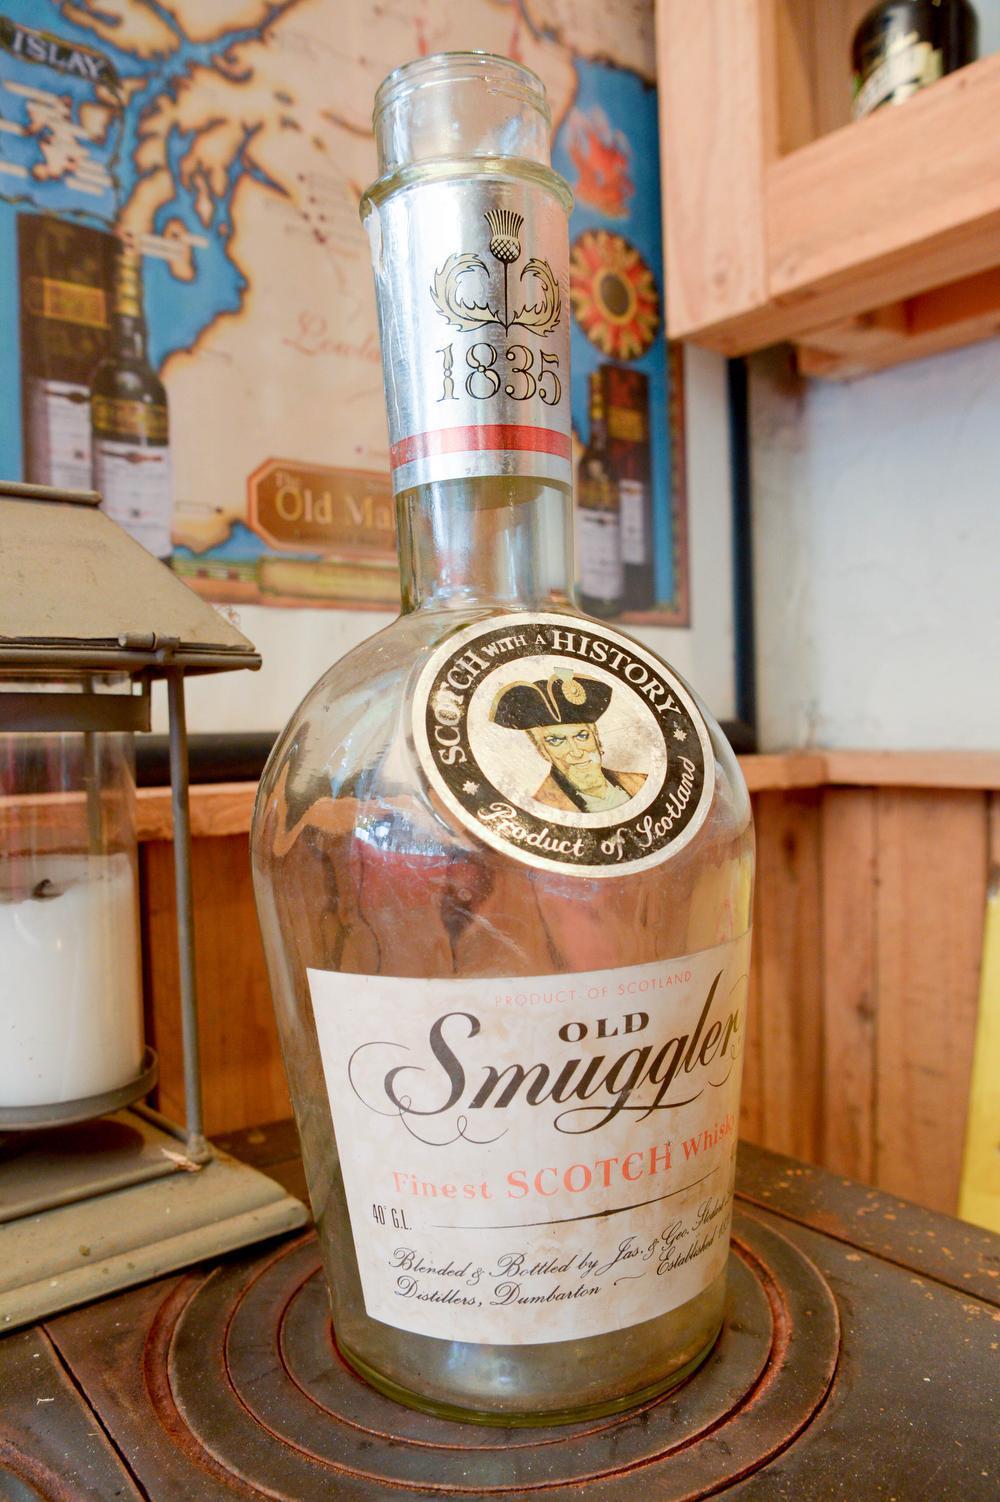 Een fles Old Smuggler. Daar haalde de club de inspiratie voor haar naam.